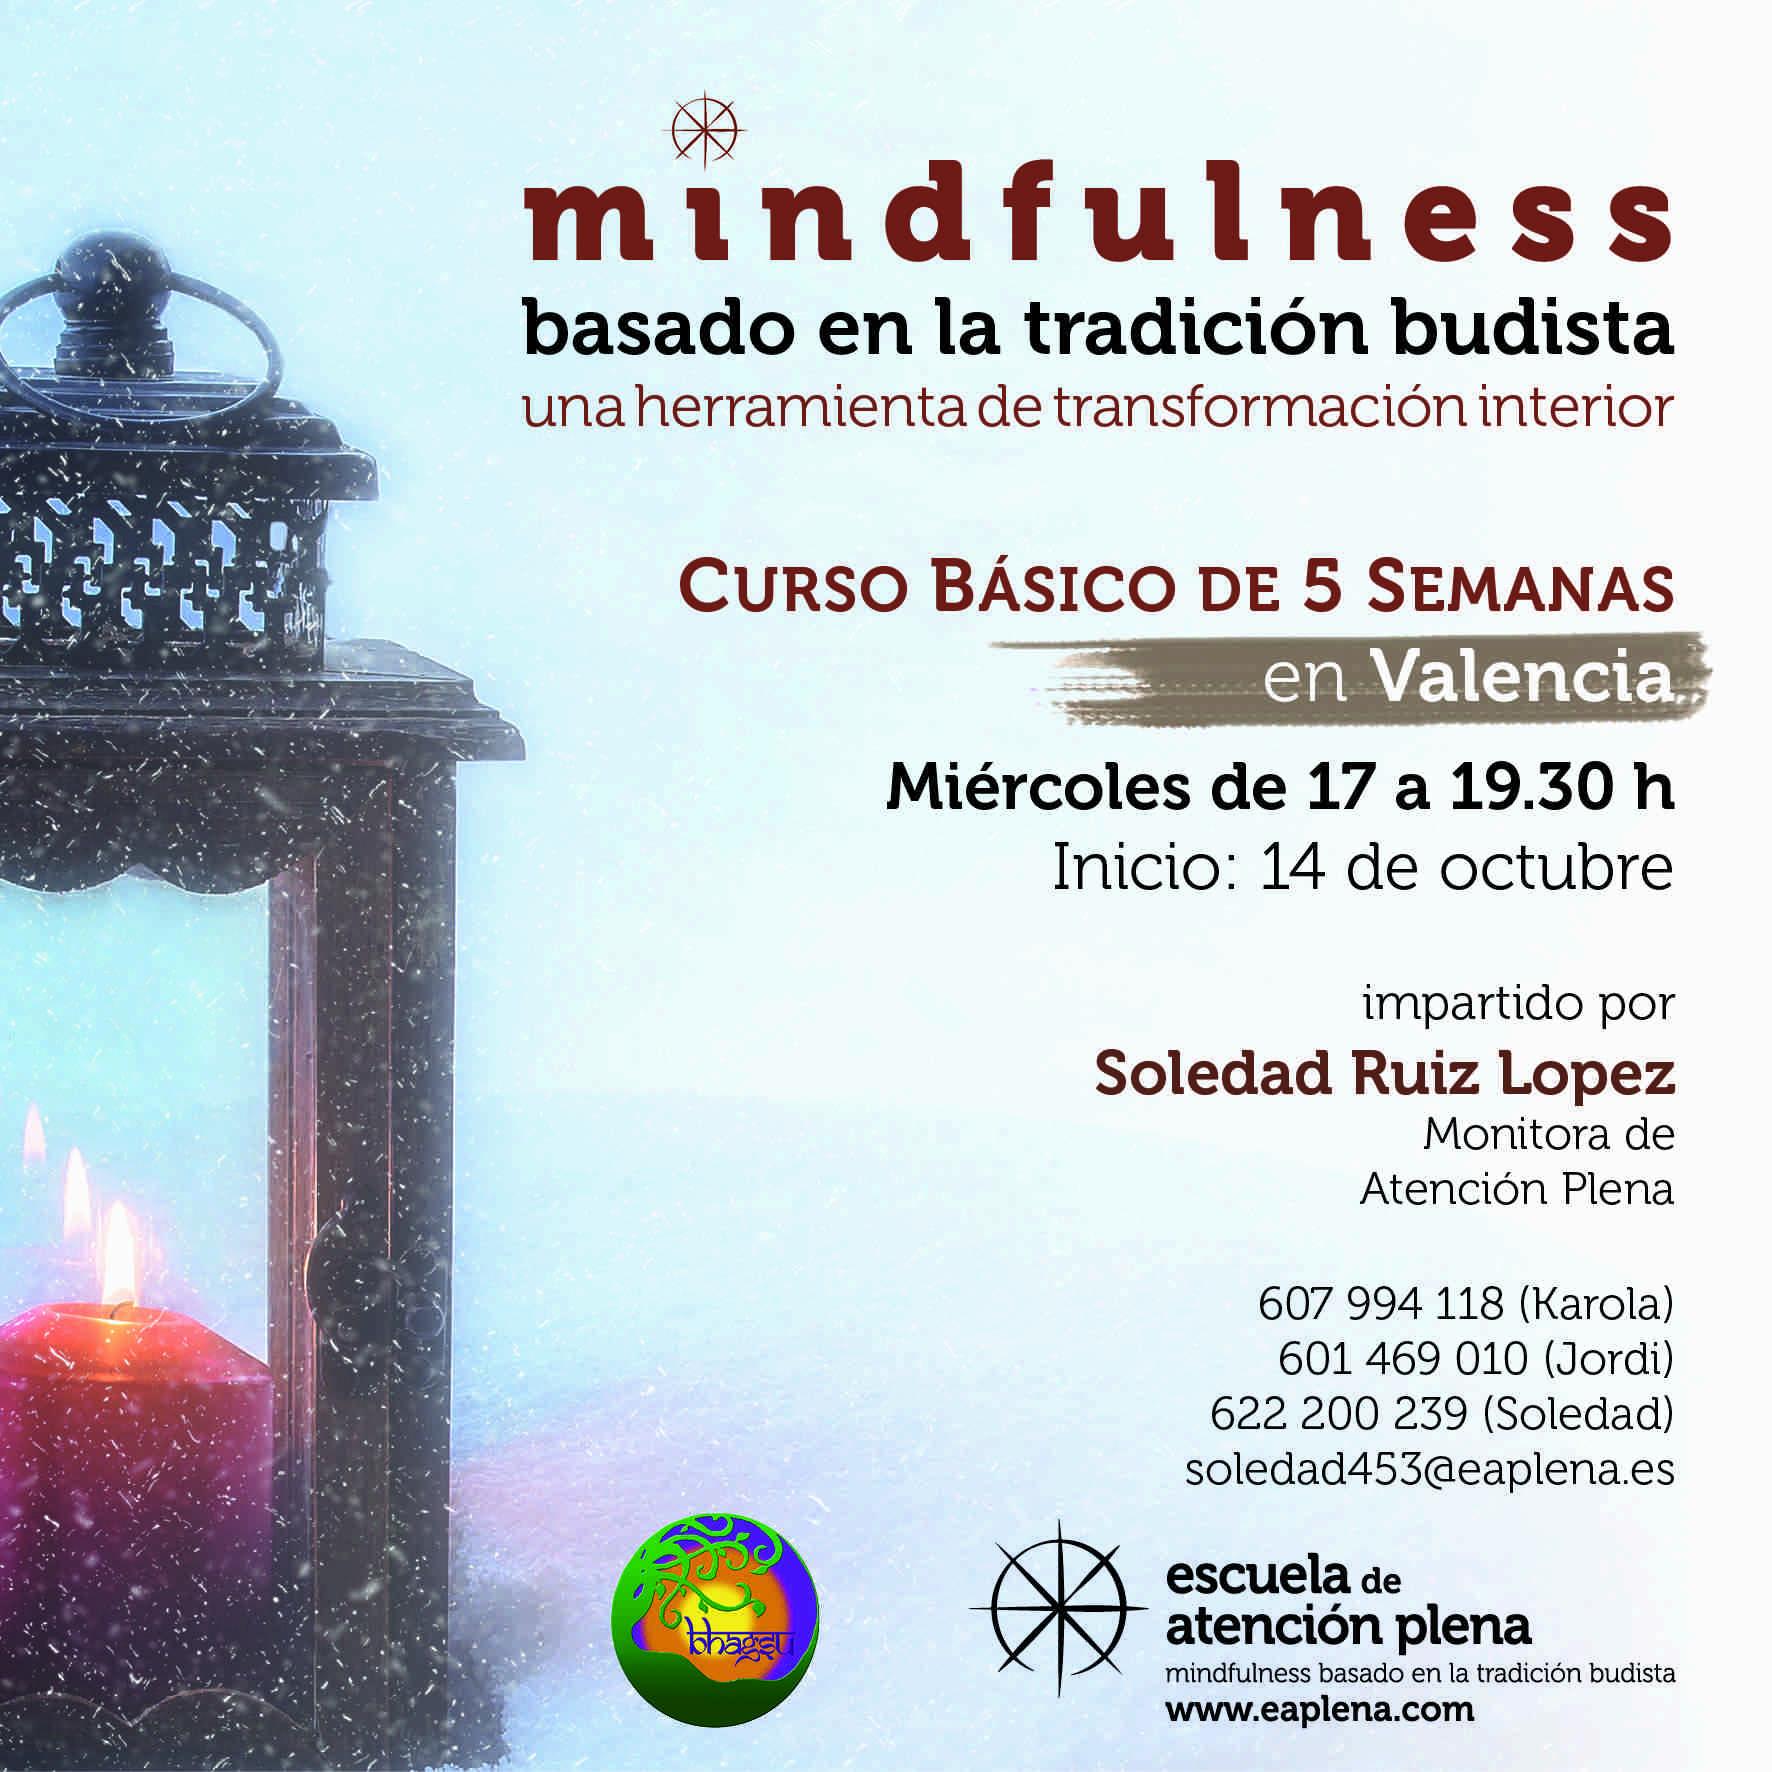 2020-10-14 Curso Básico de 5 Semanas en Valencia 3 Soledad Ruiz López